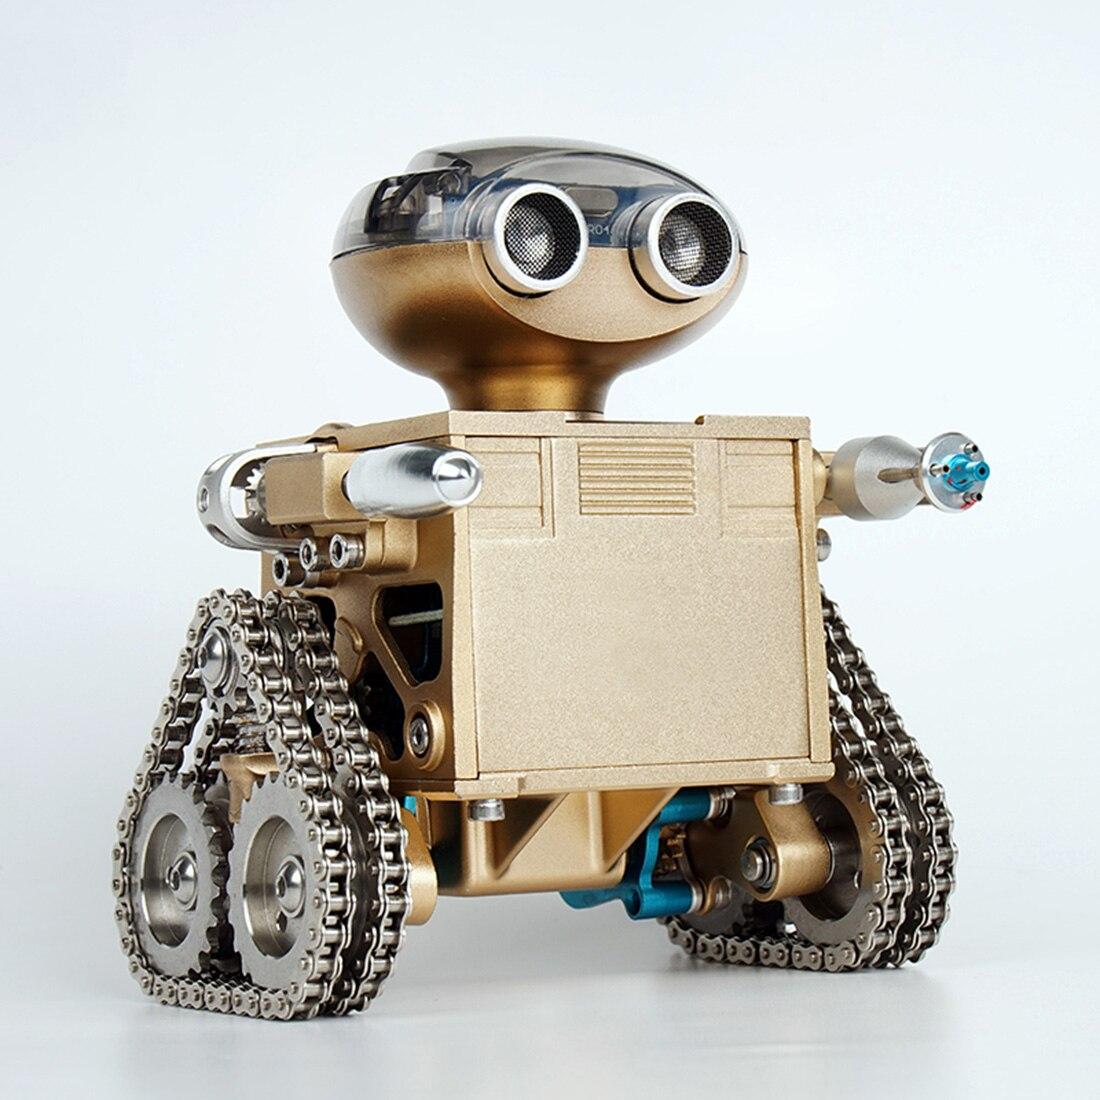 Bluetooth métal moteur électrique opération intelligente télécommande Robot assemblage modèle jouet bricolage Robots & accessoires